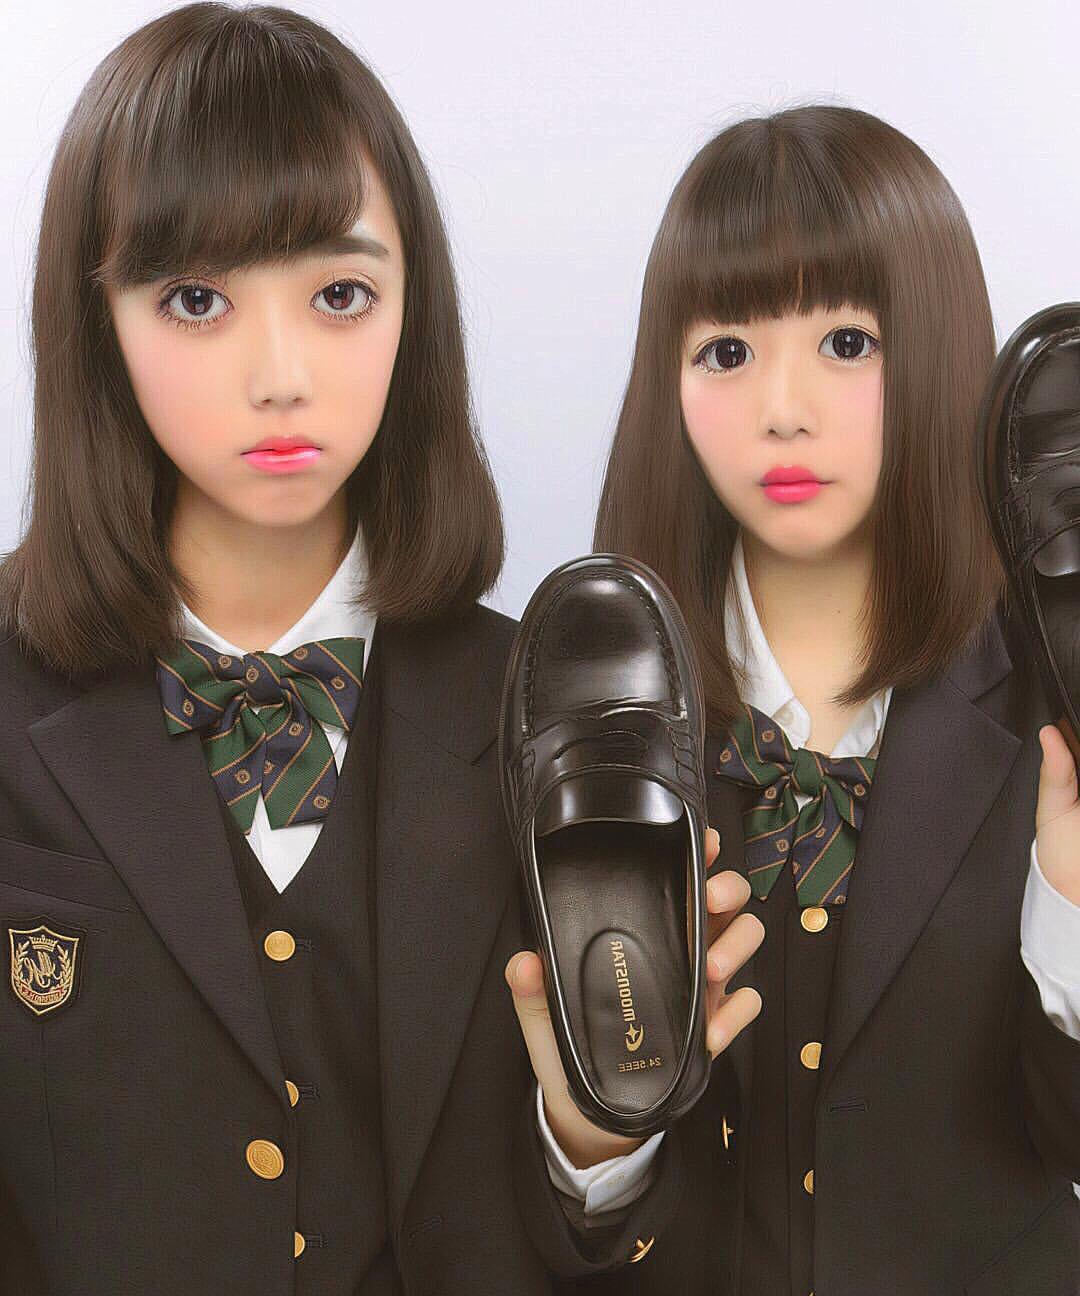 女子高生の靴の匂いが好きなやつwwww履き込んで臭くなったJKの靴画像うpするwwwww 1812271615572938